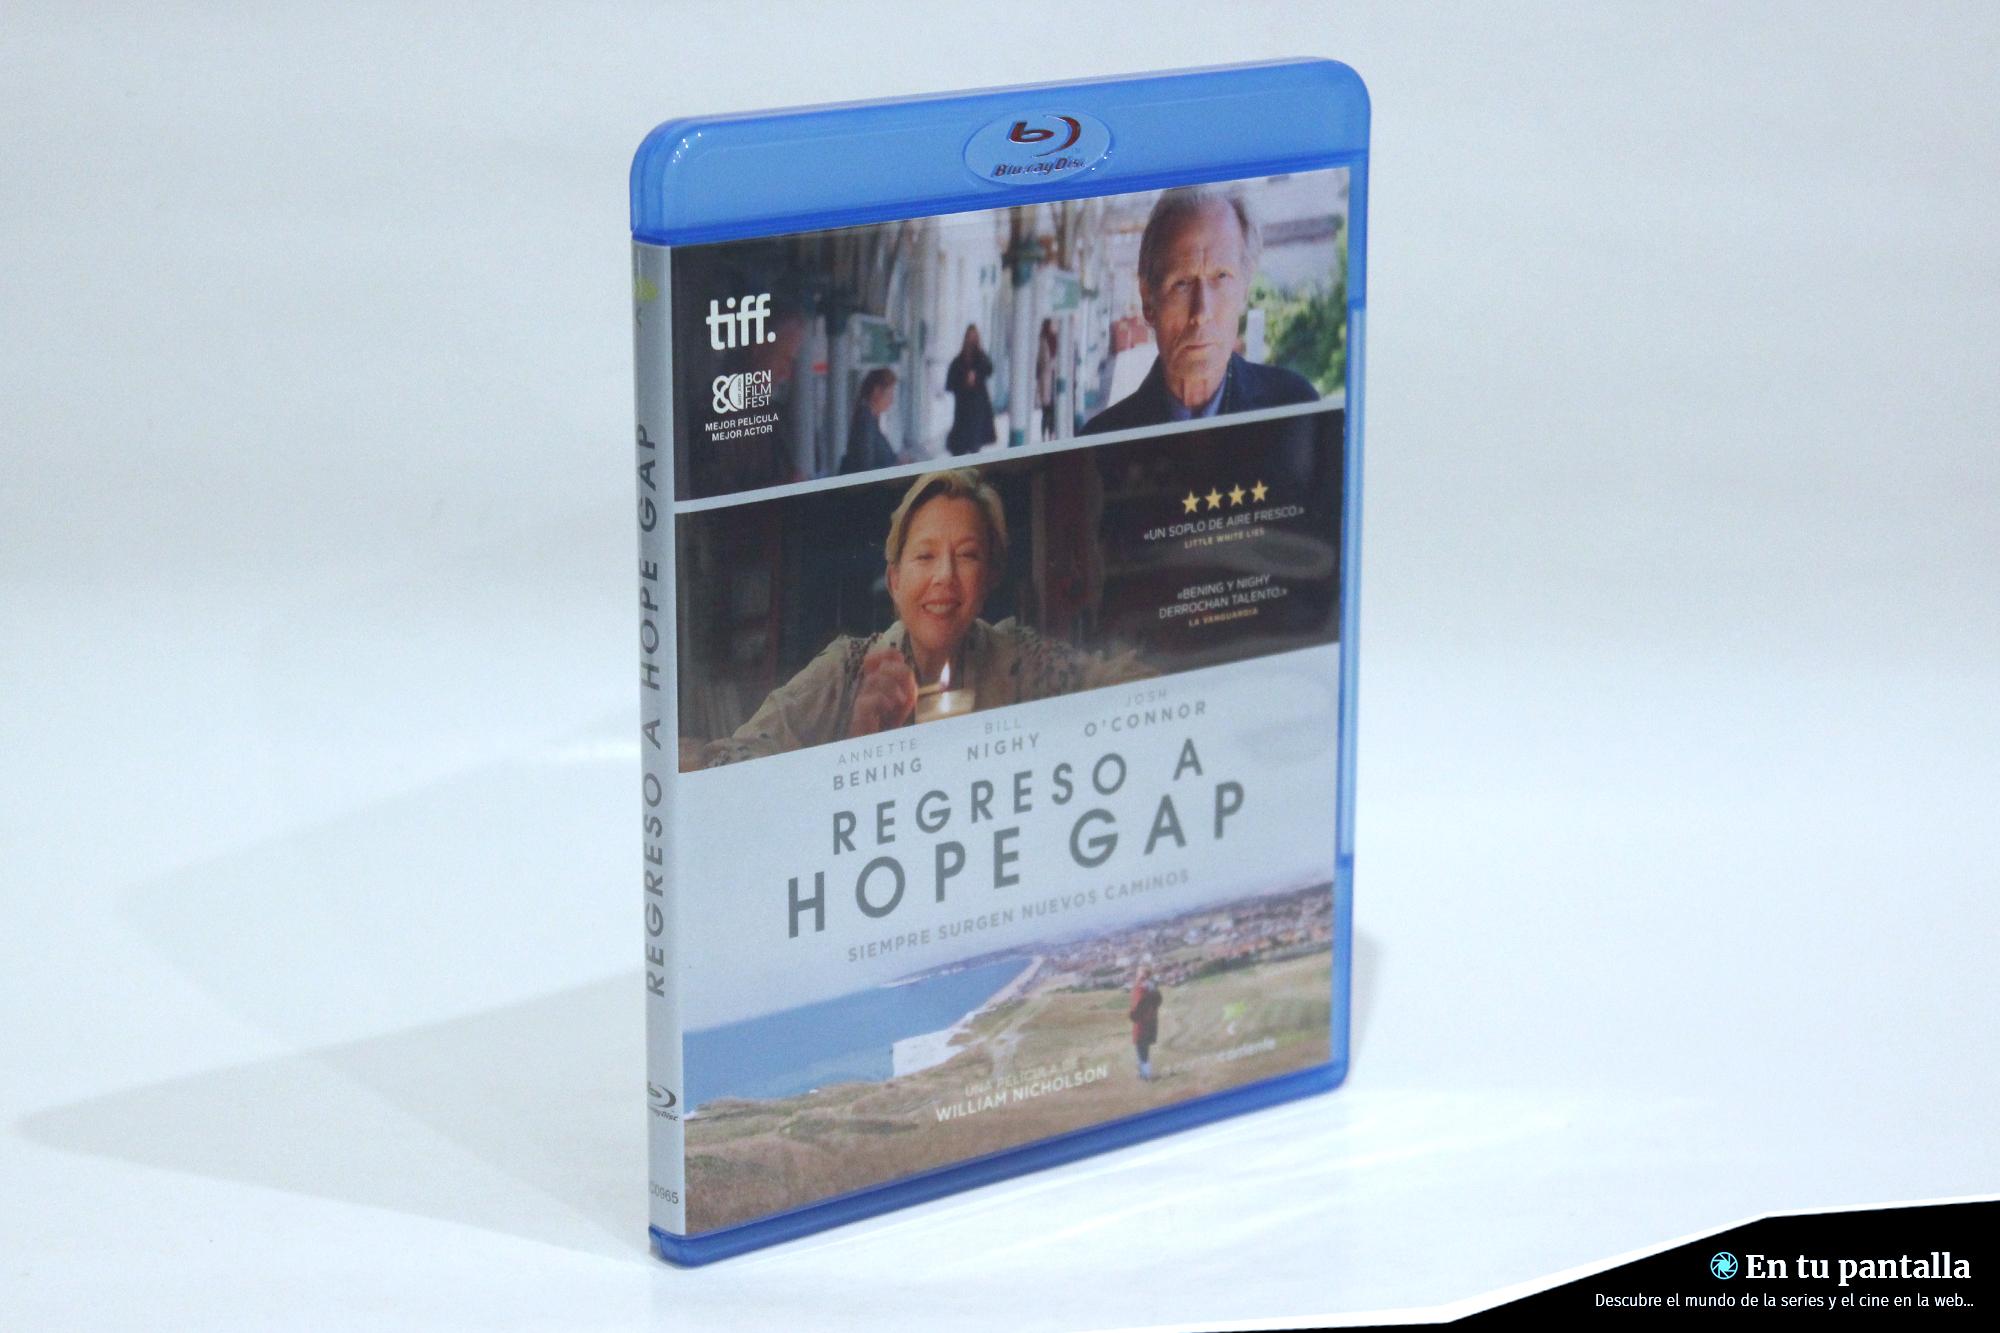 Análisis Blu-ray: 'Regreso a Hope Gap', un drama con Annette Bening y Bill Nighy • En tu pantalla